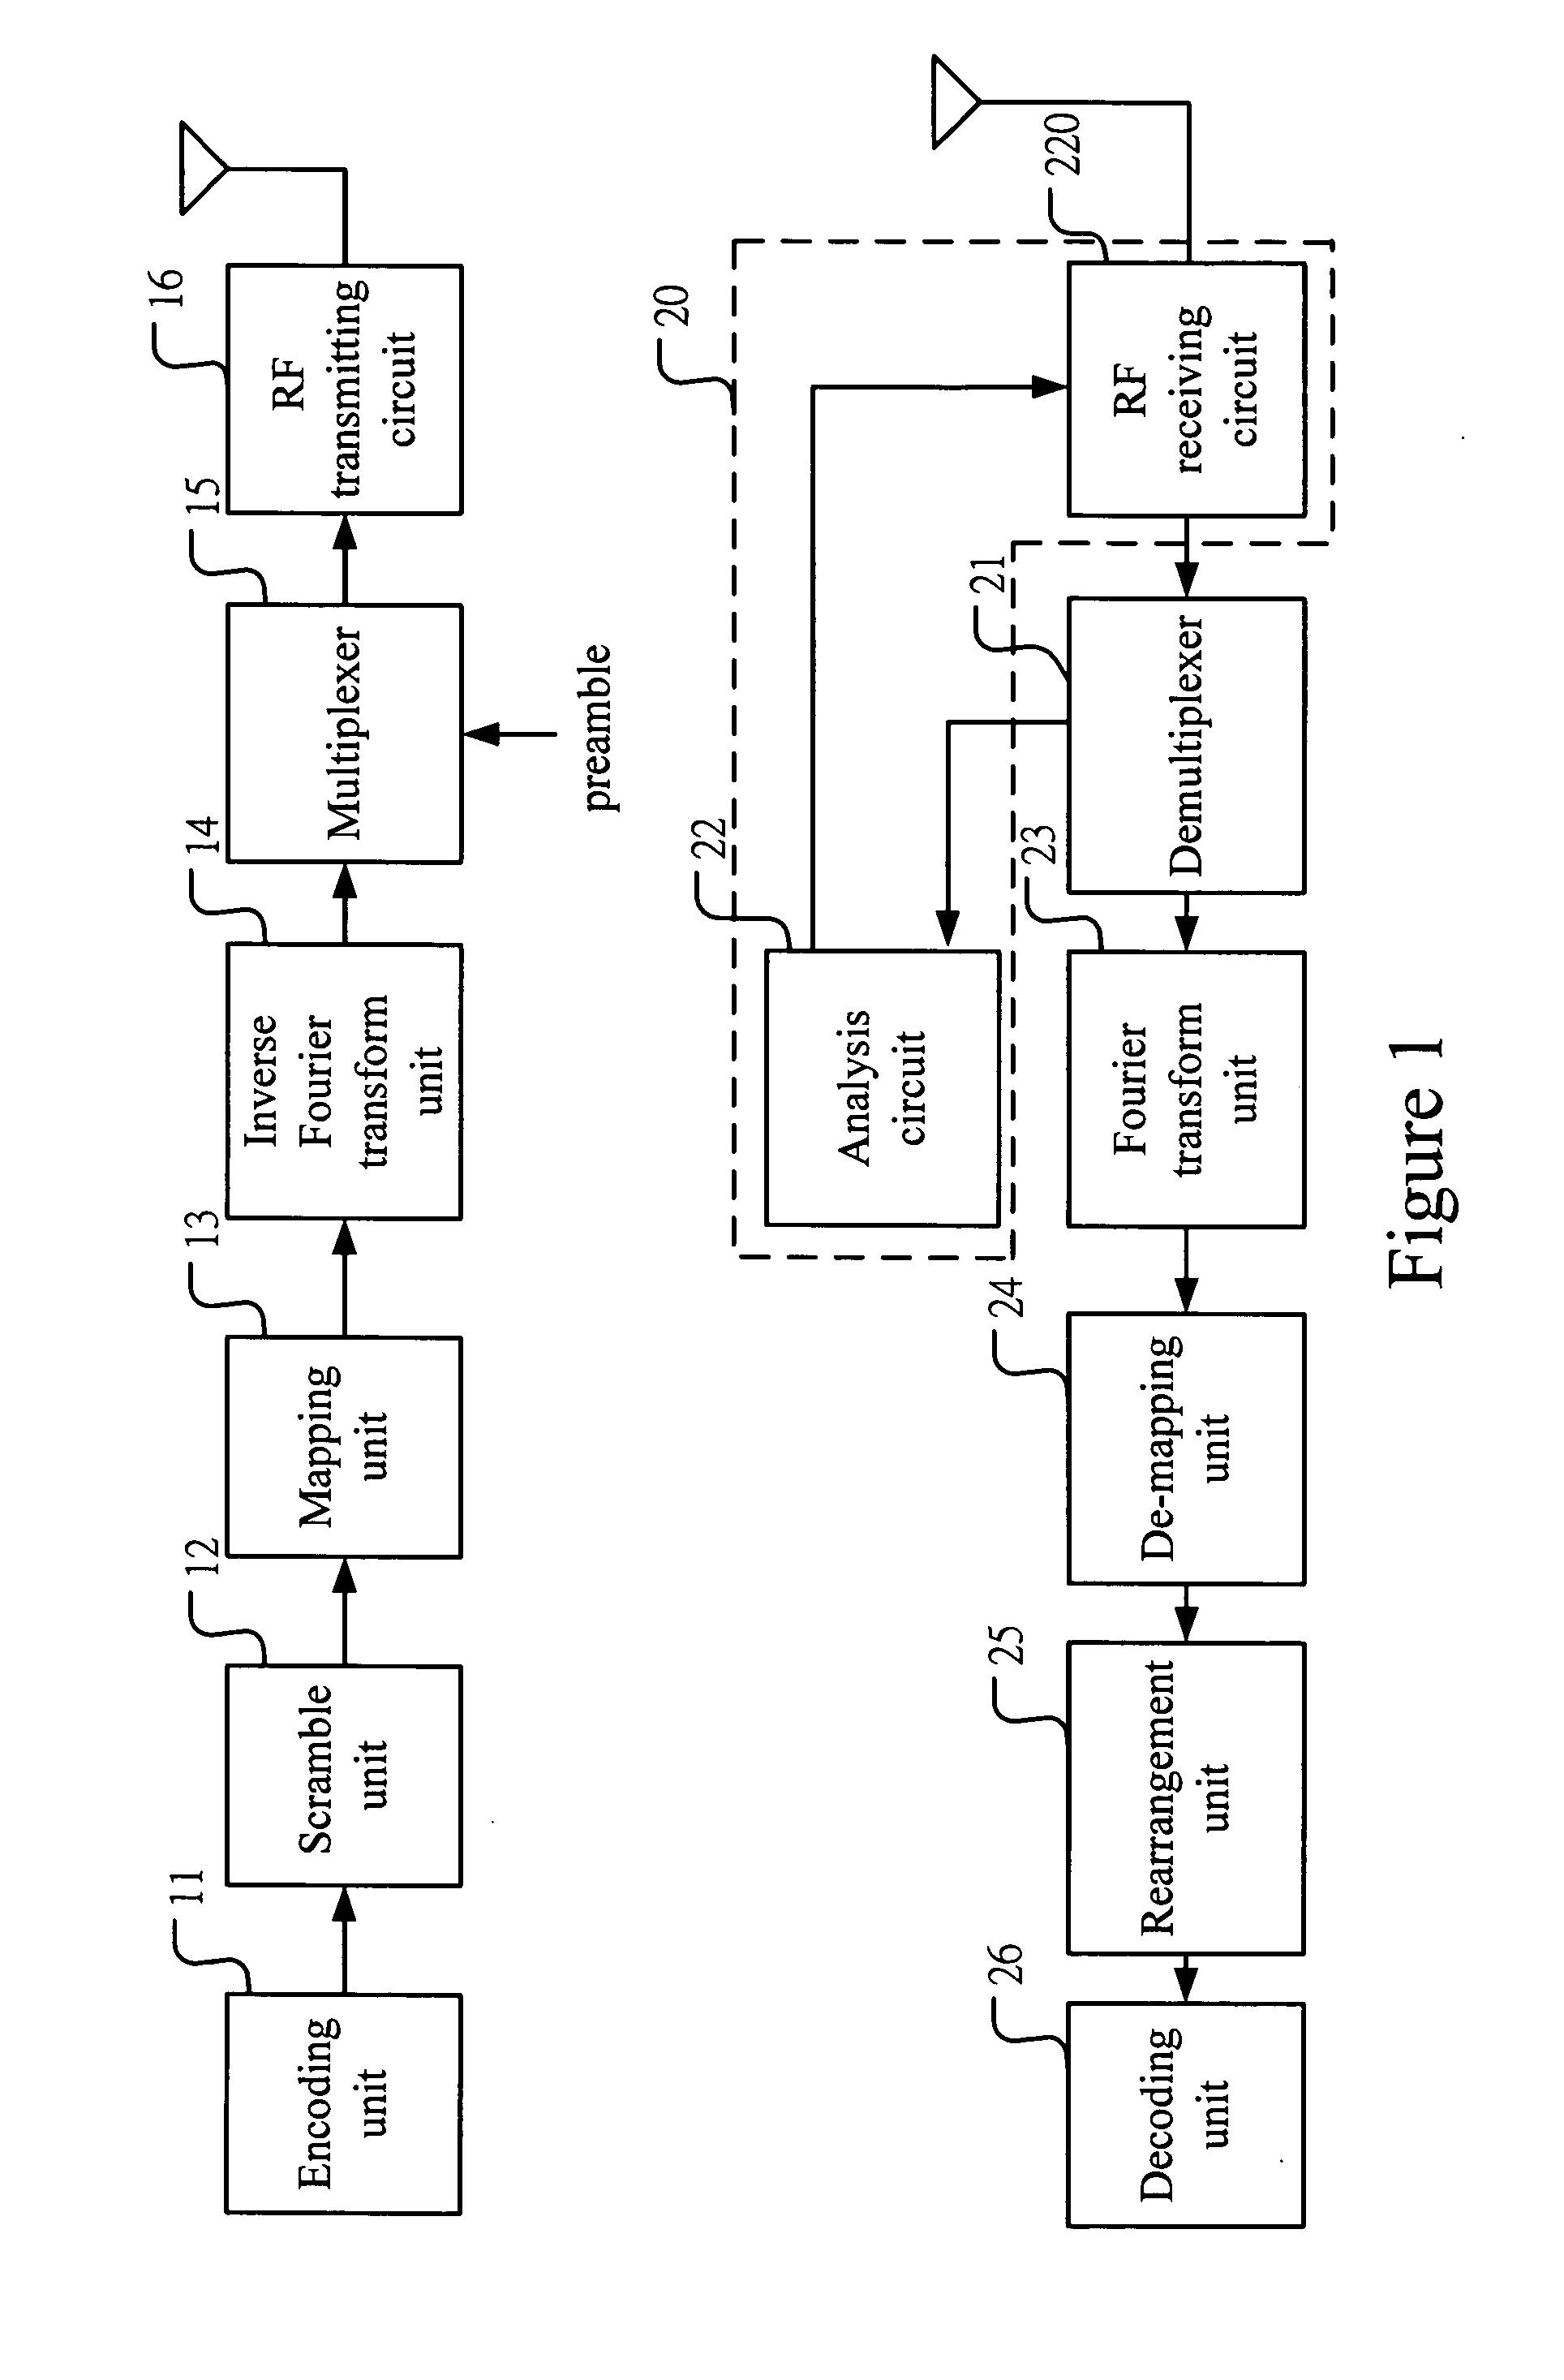 patent us20080117954